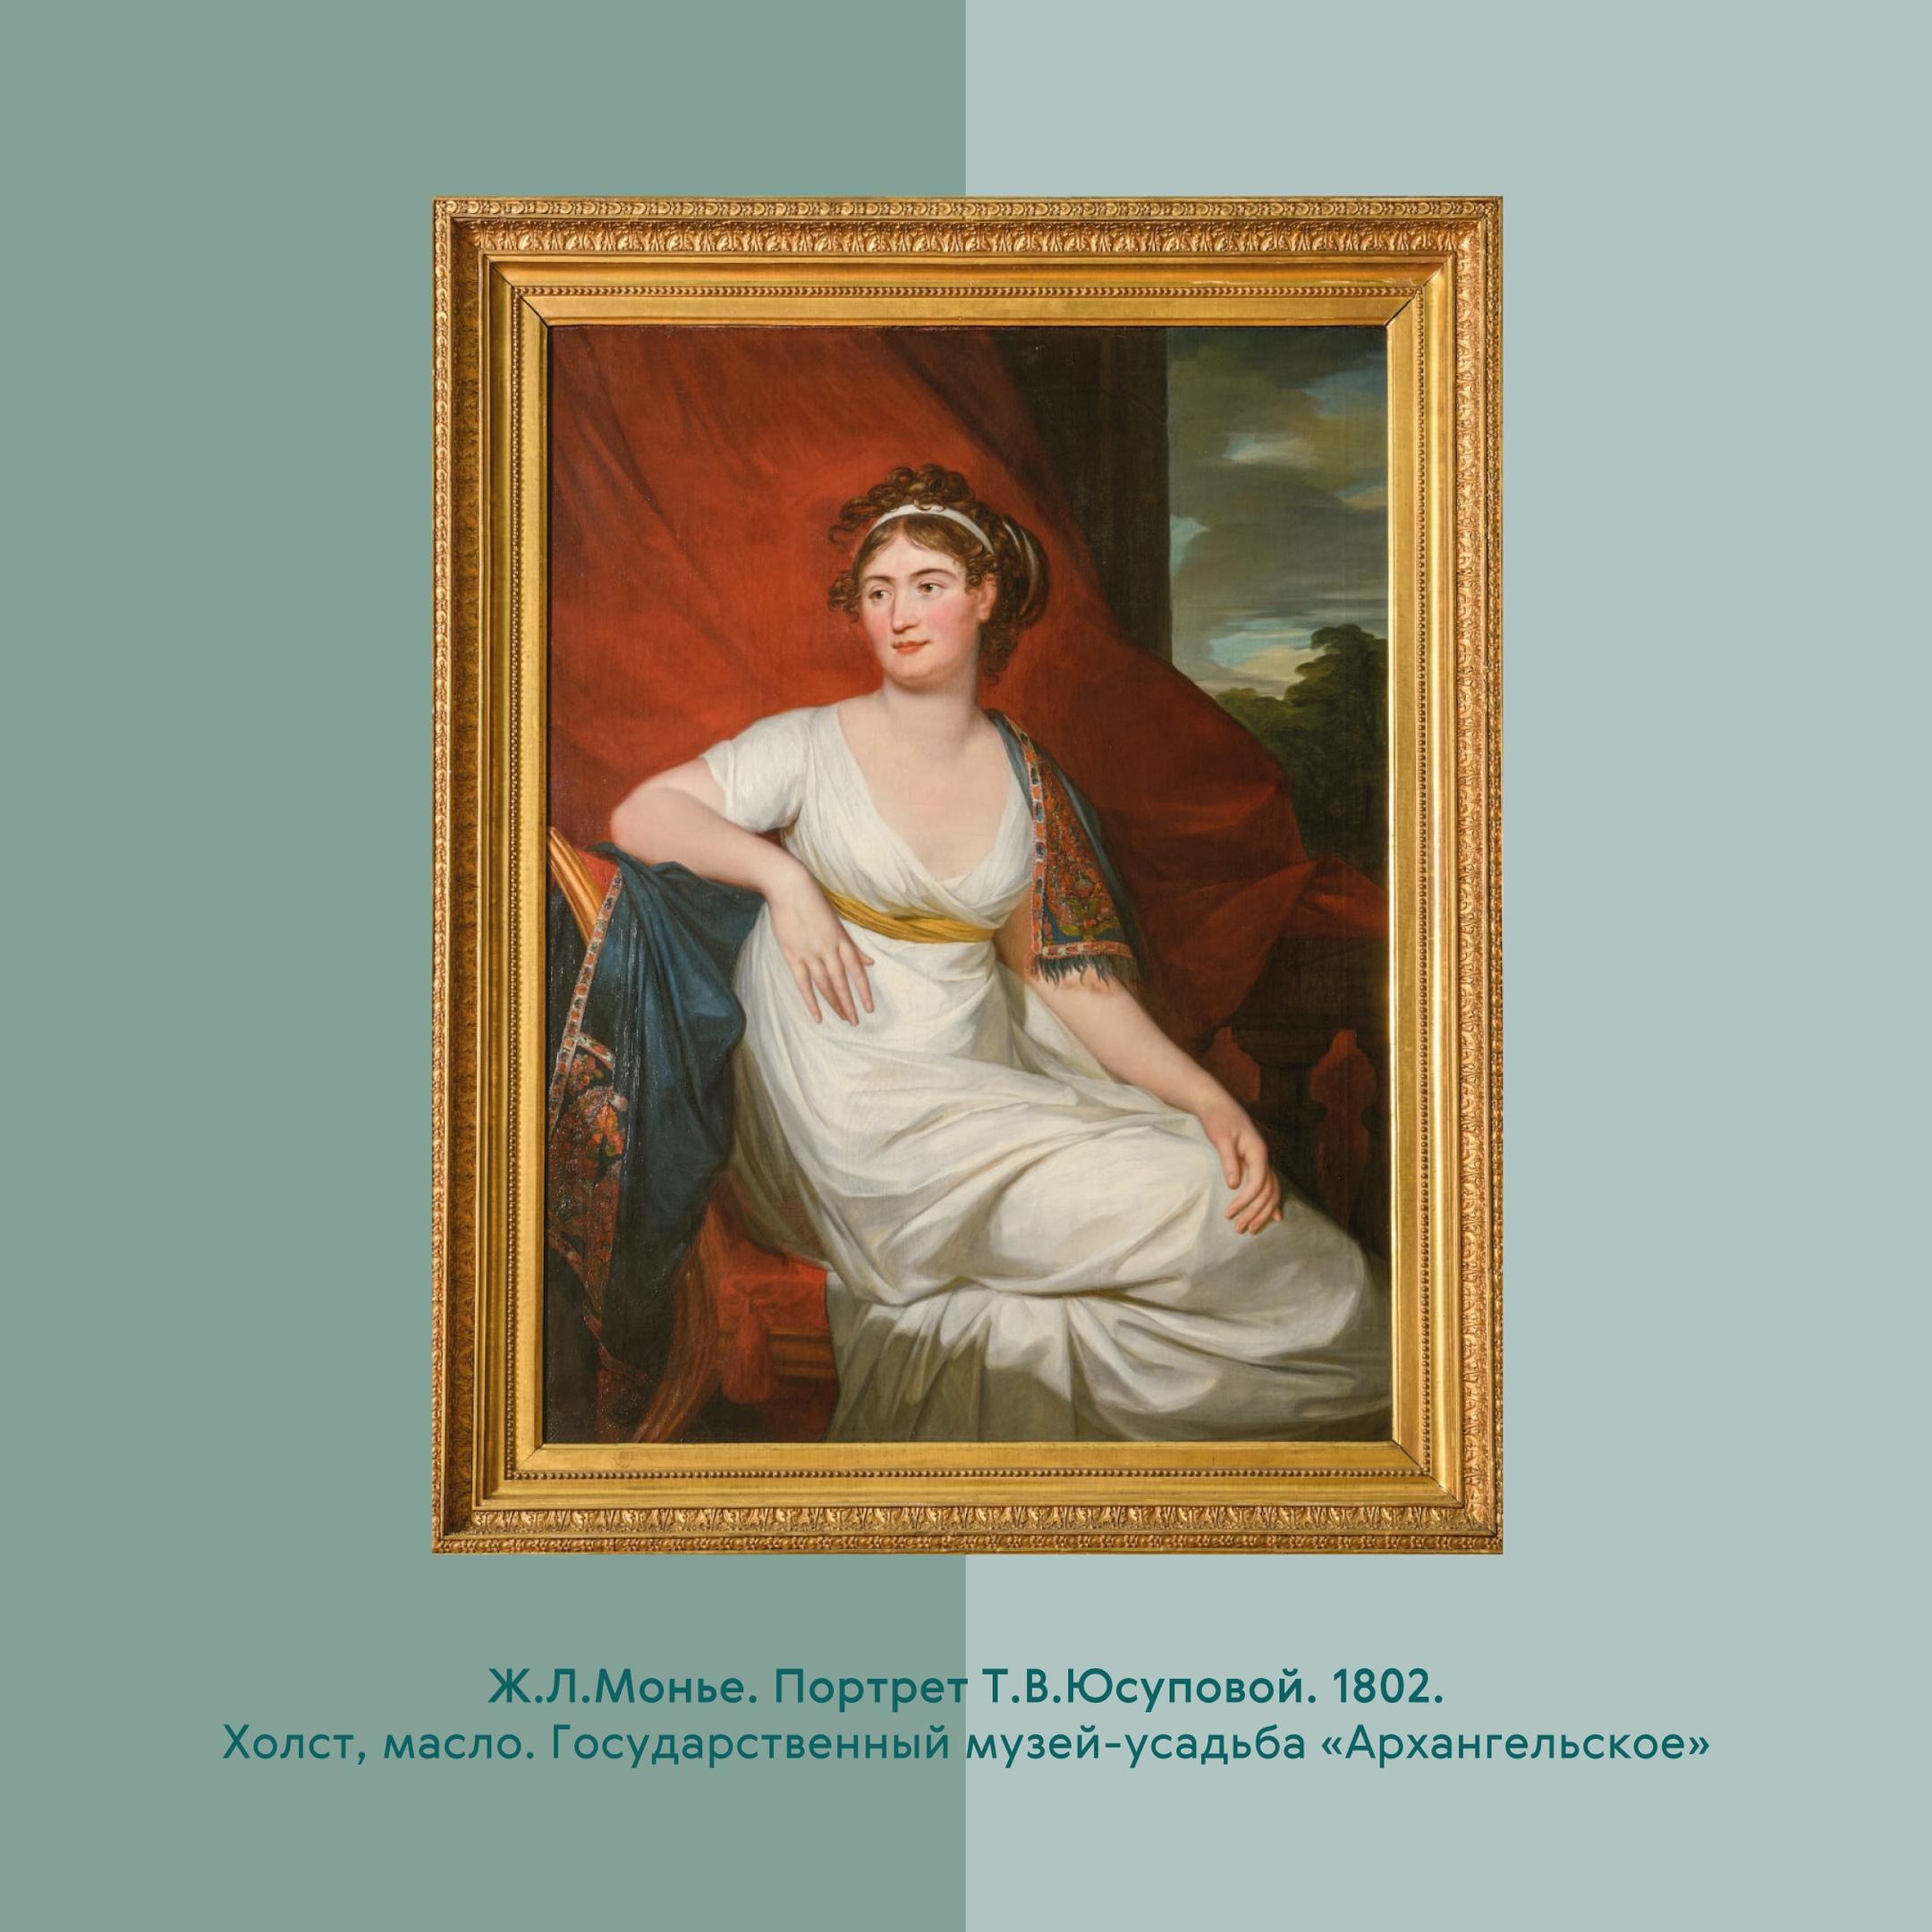 14 января по новому стилю в 1769 году родилась княгиня Татьяна Васильевна Юсупова.